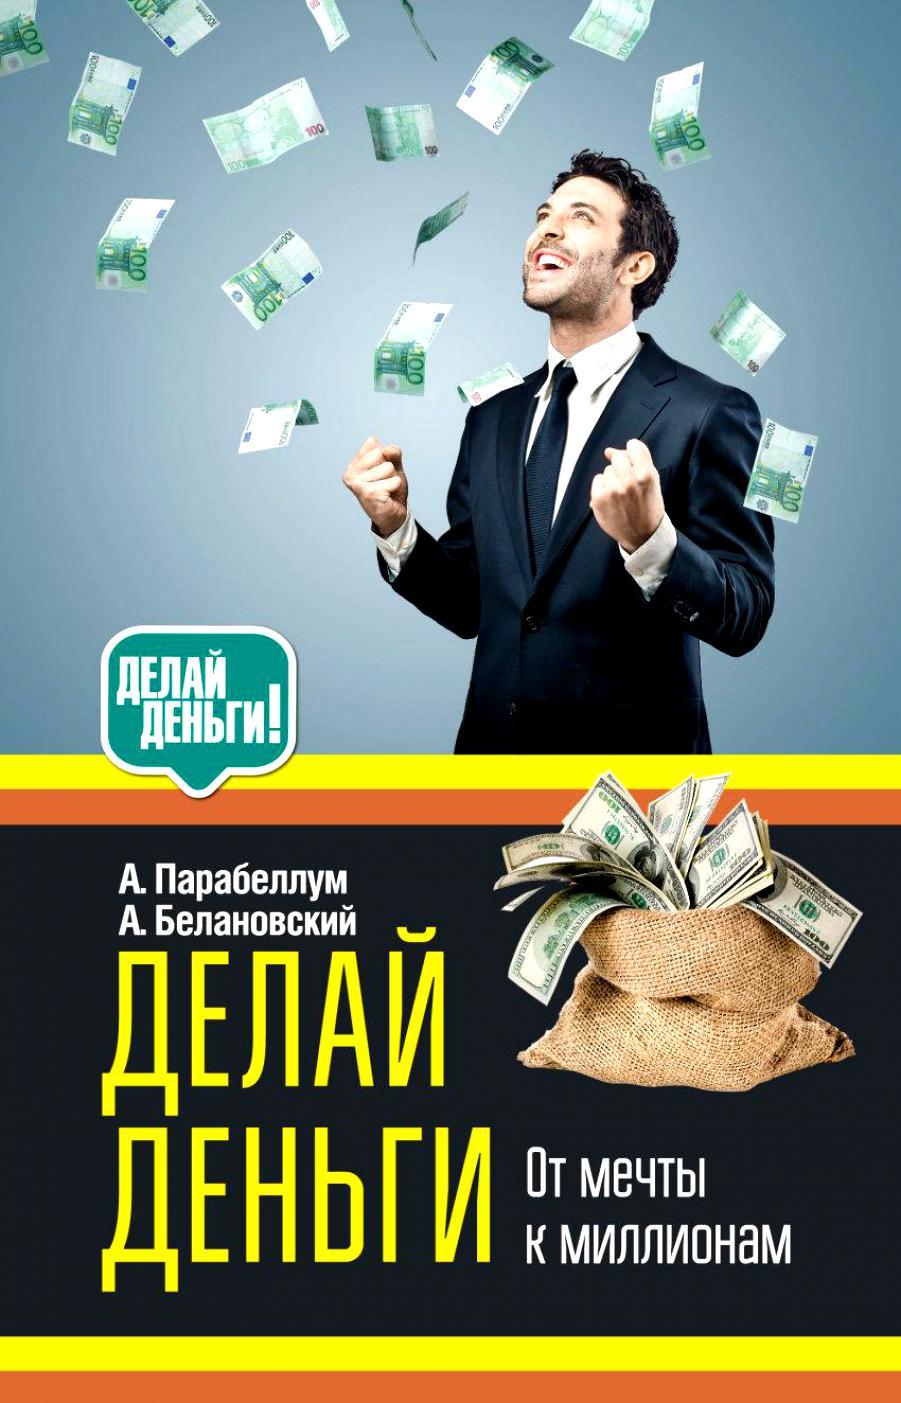 Как быстро привлечь деньги в свою жизнь: реальные и проверенные способы